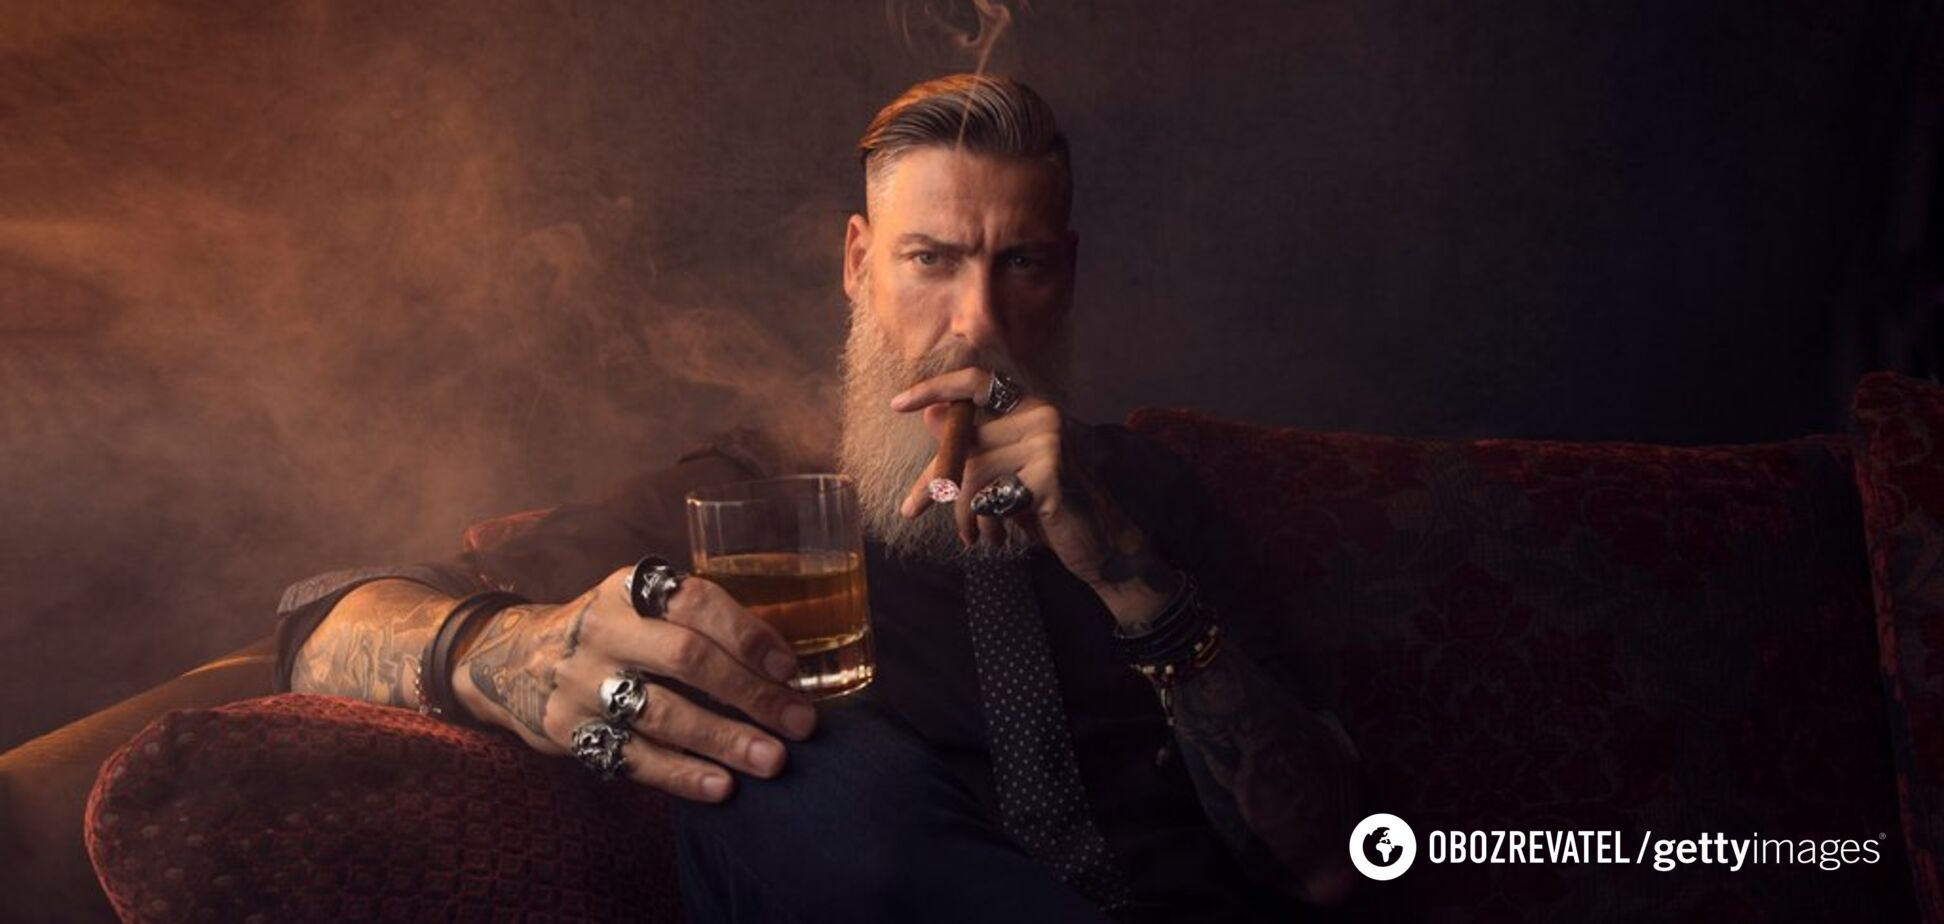 Гуру или дилетант? Тест на знание виски и умение его пить